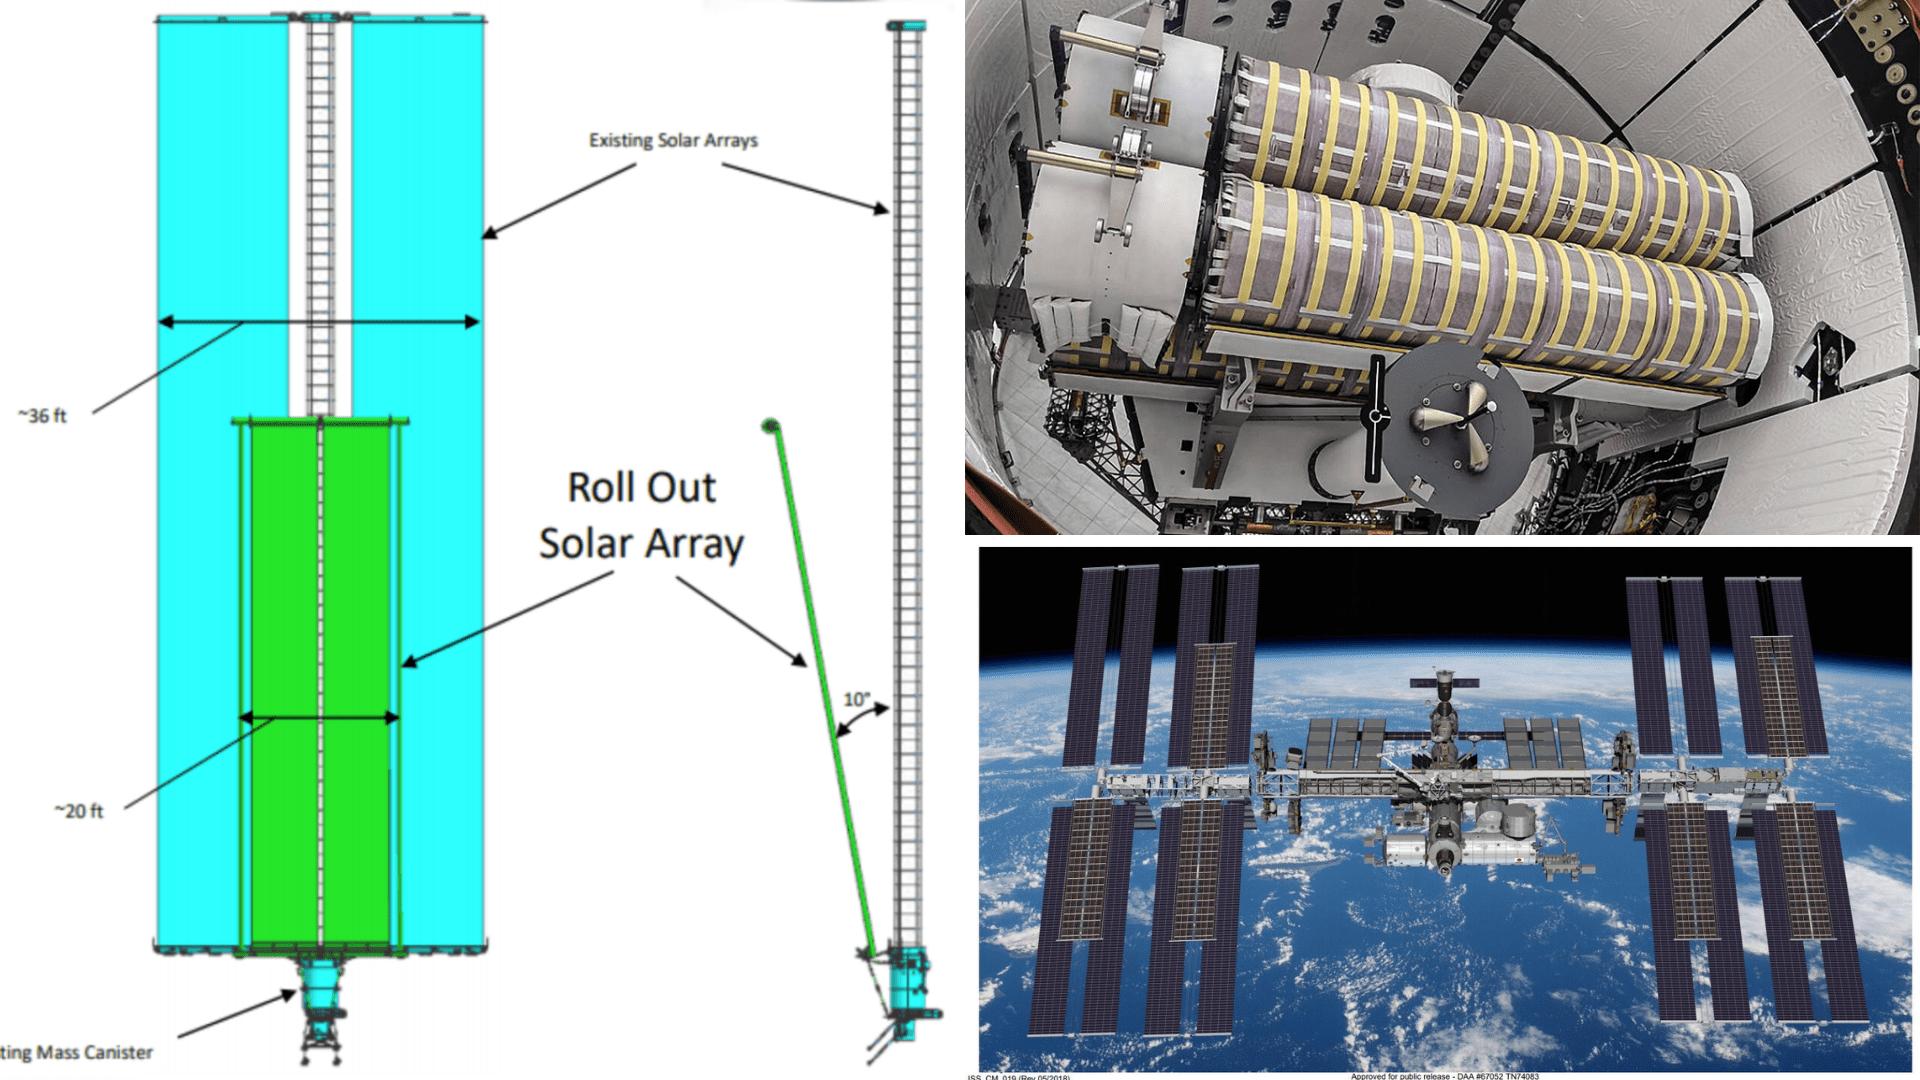 A sinistra uno schema di come saranno posizionati i nuovi pannelli solari rispetto ai vecchi. In basso a destra un render di come sarà con entrambi i pannelli montati sulla ISS. A destra in alto i pannelli solari montati nel Truck della Dragon. Credits: NASA/SpaceX.